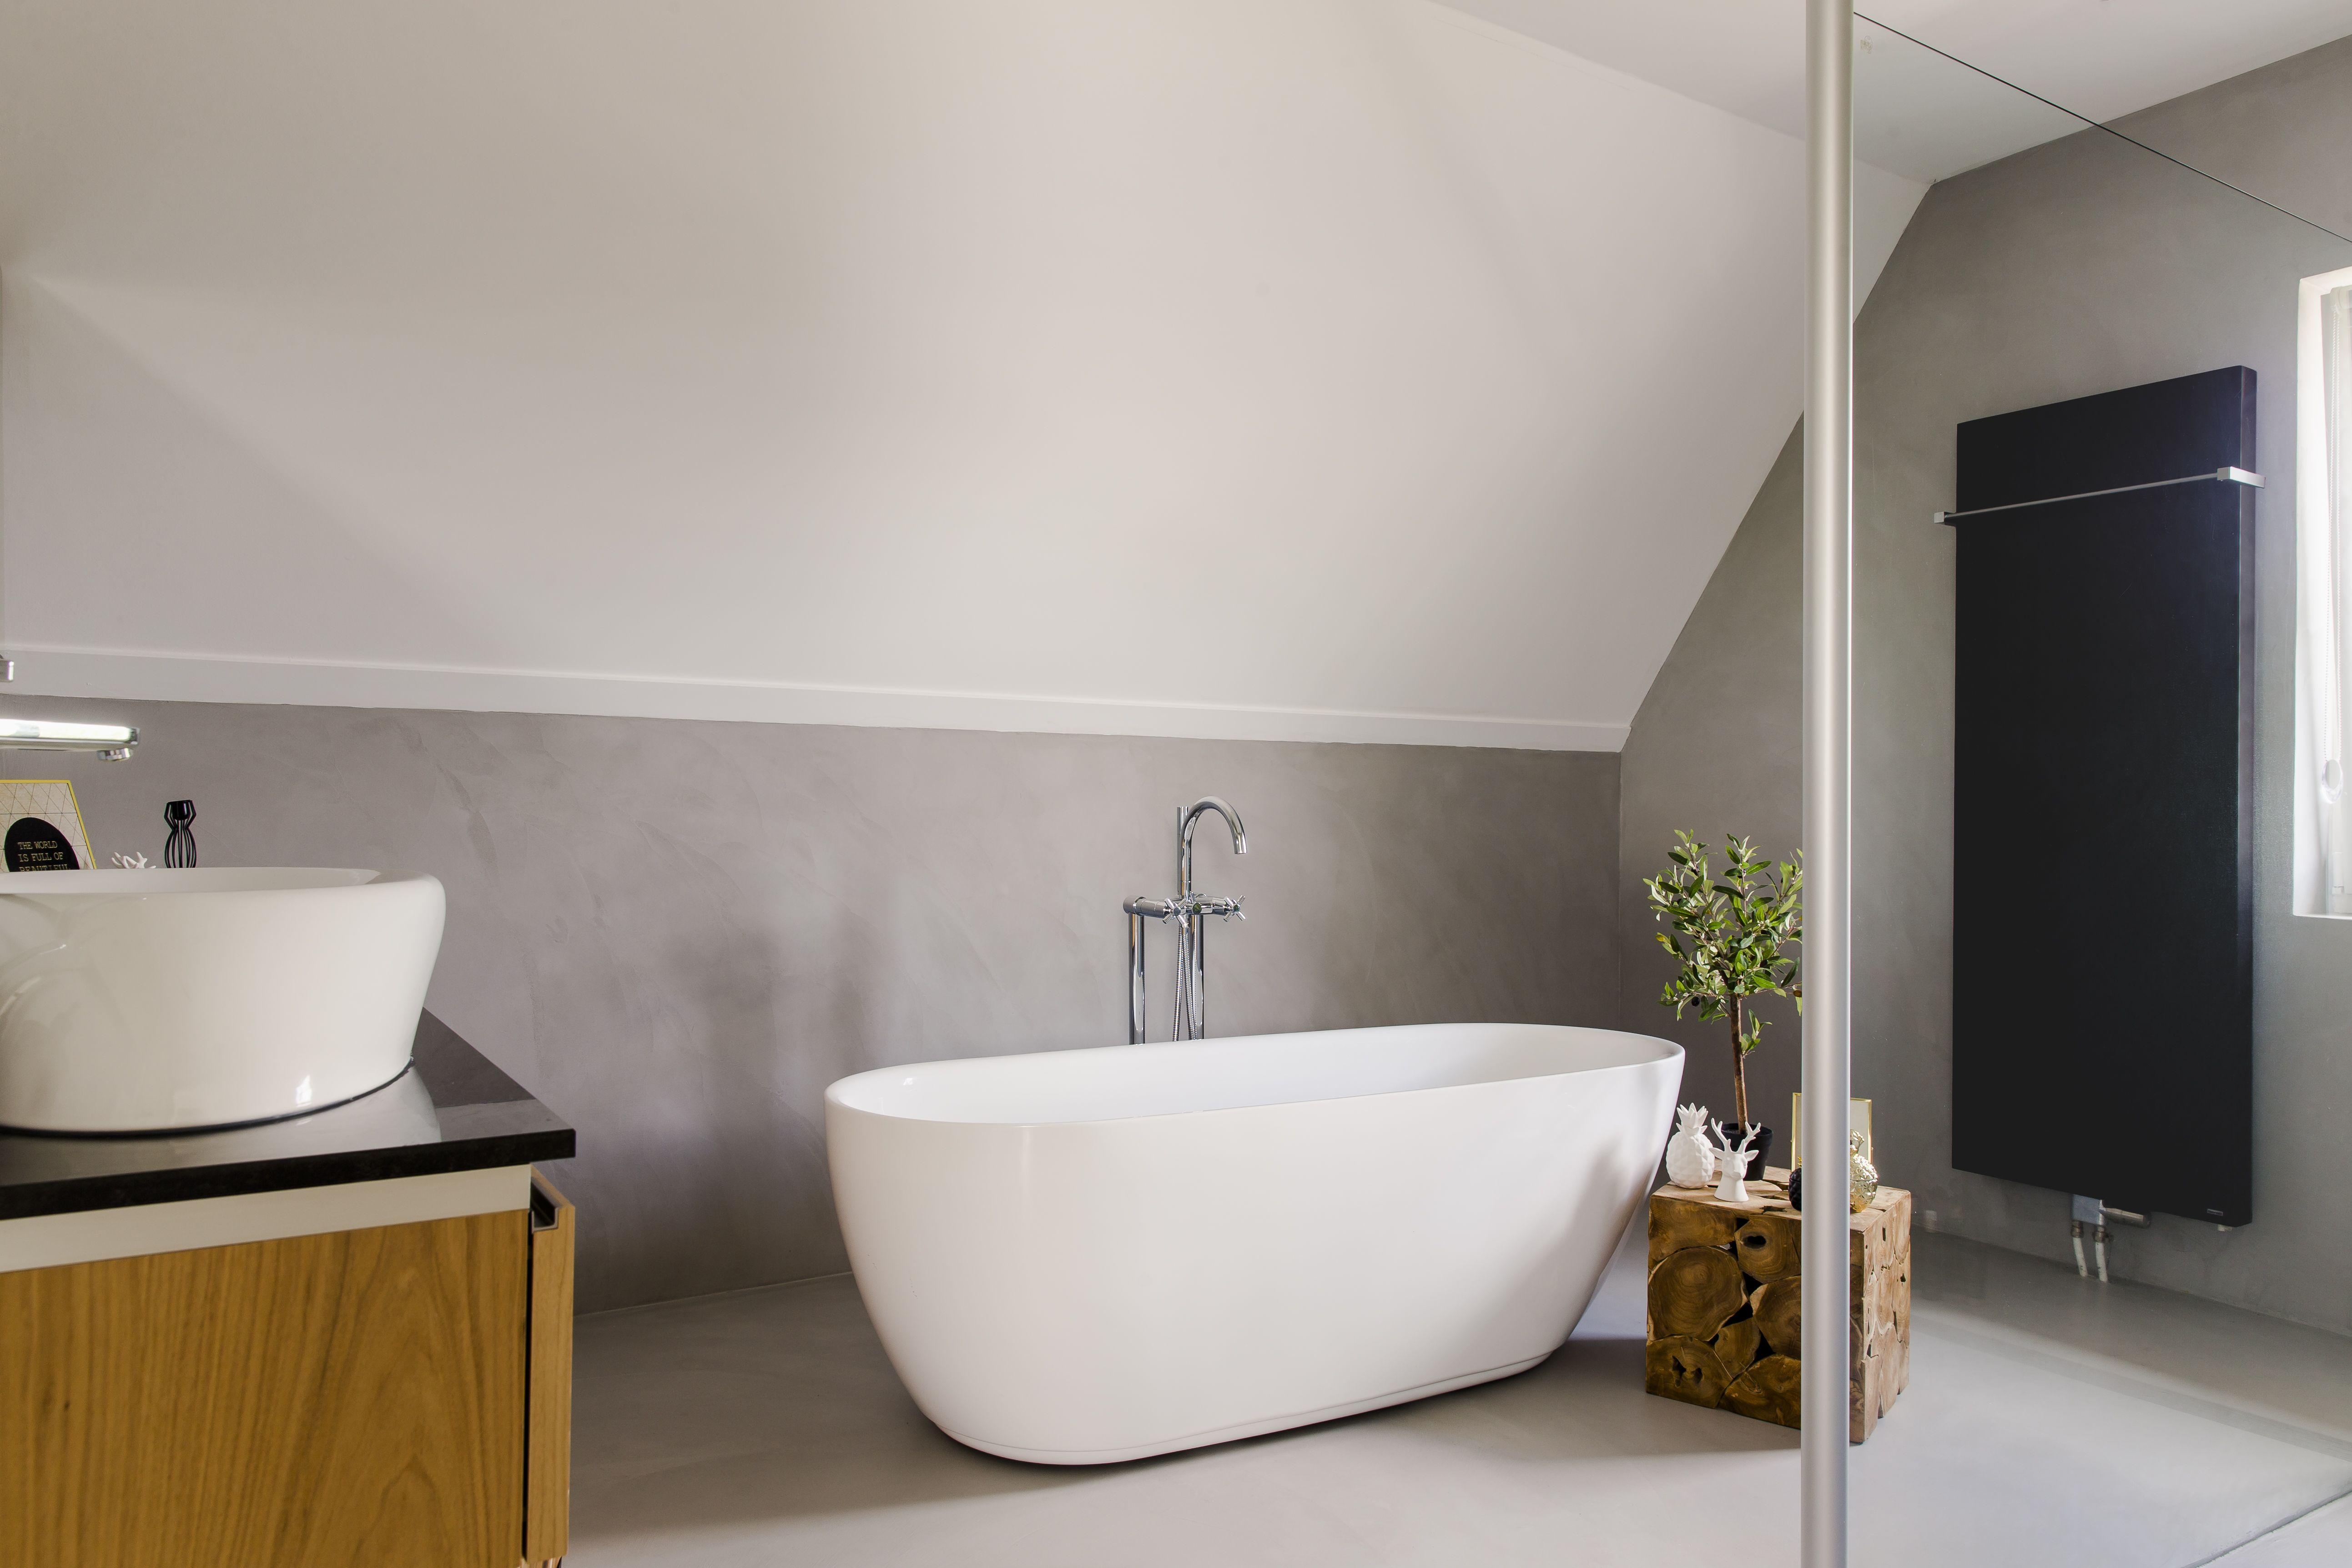 Stucwerk Badkamer Kosten : Wauw prachtige badkamer met op de vloer en aan de wanden beton